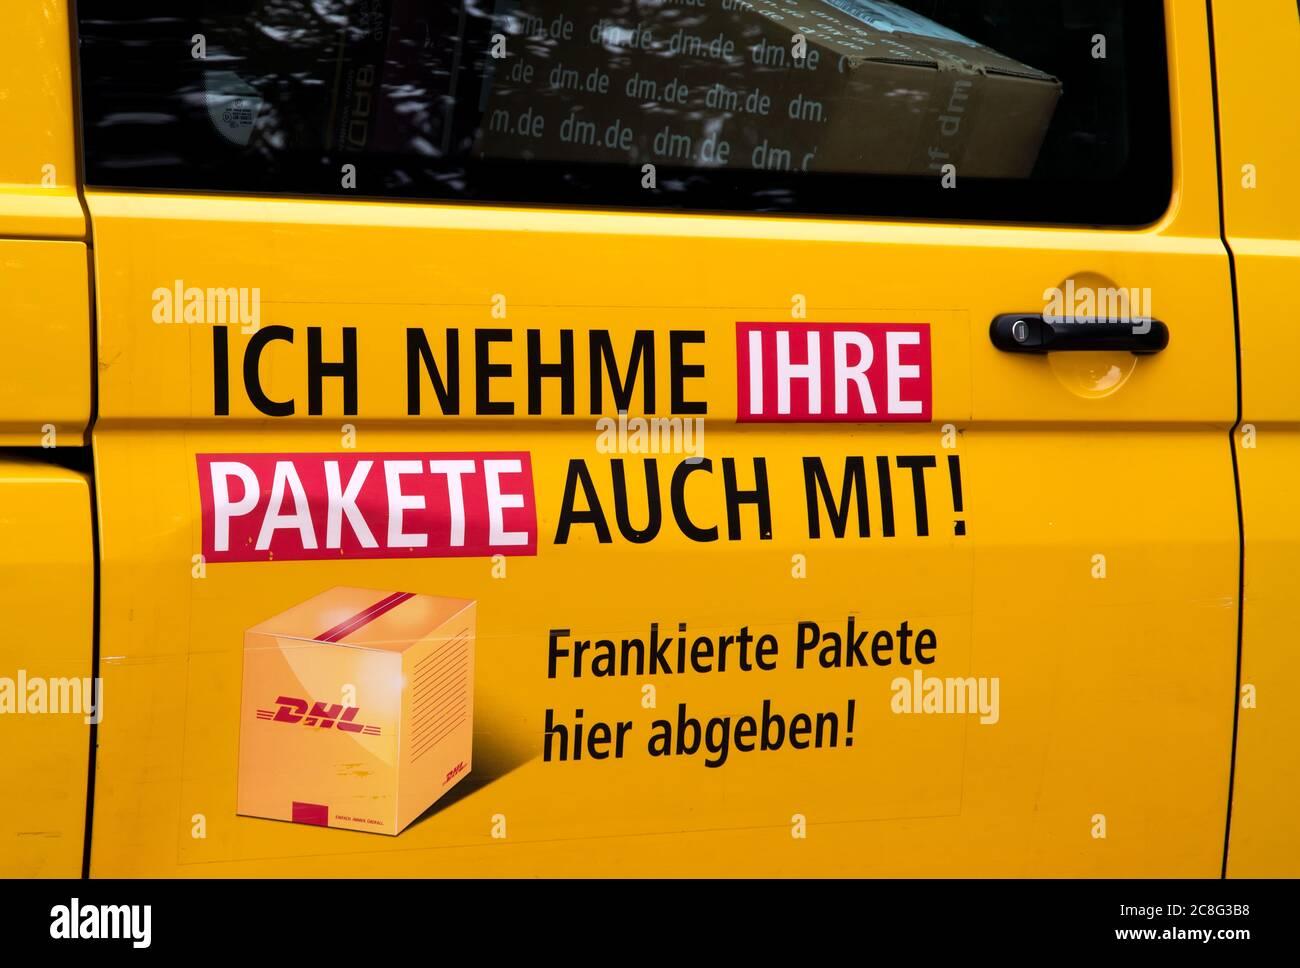 Porte d'un transporteur DHL indiquant que des colis sont transportés. (ICH nehme auch ihre Pakete mit) Banque D'Images